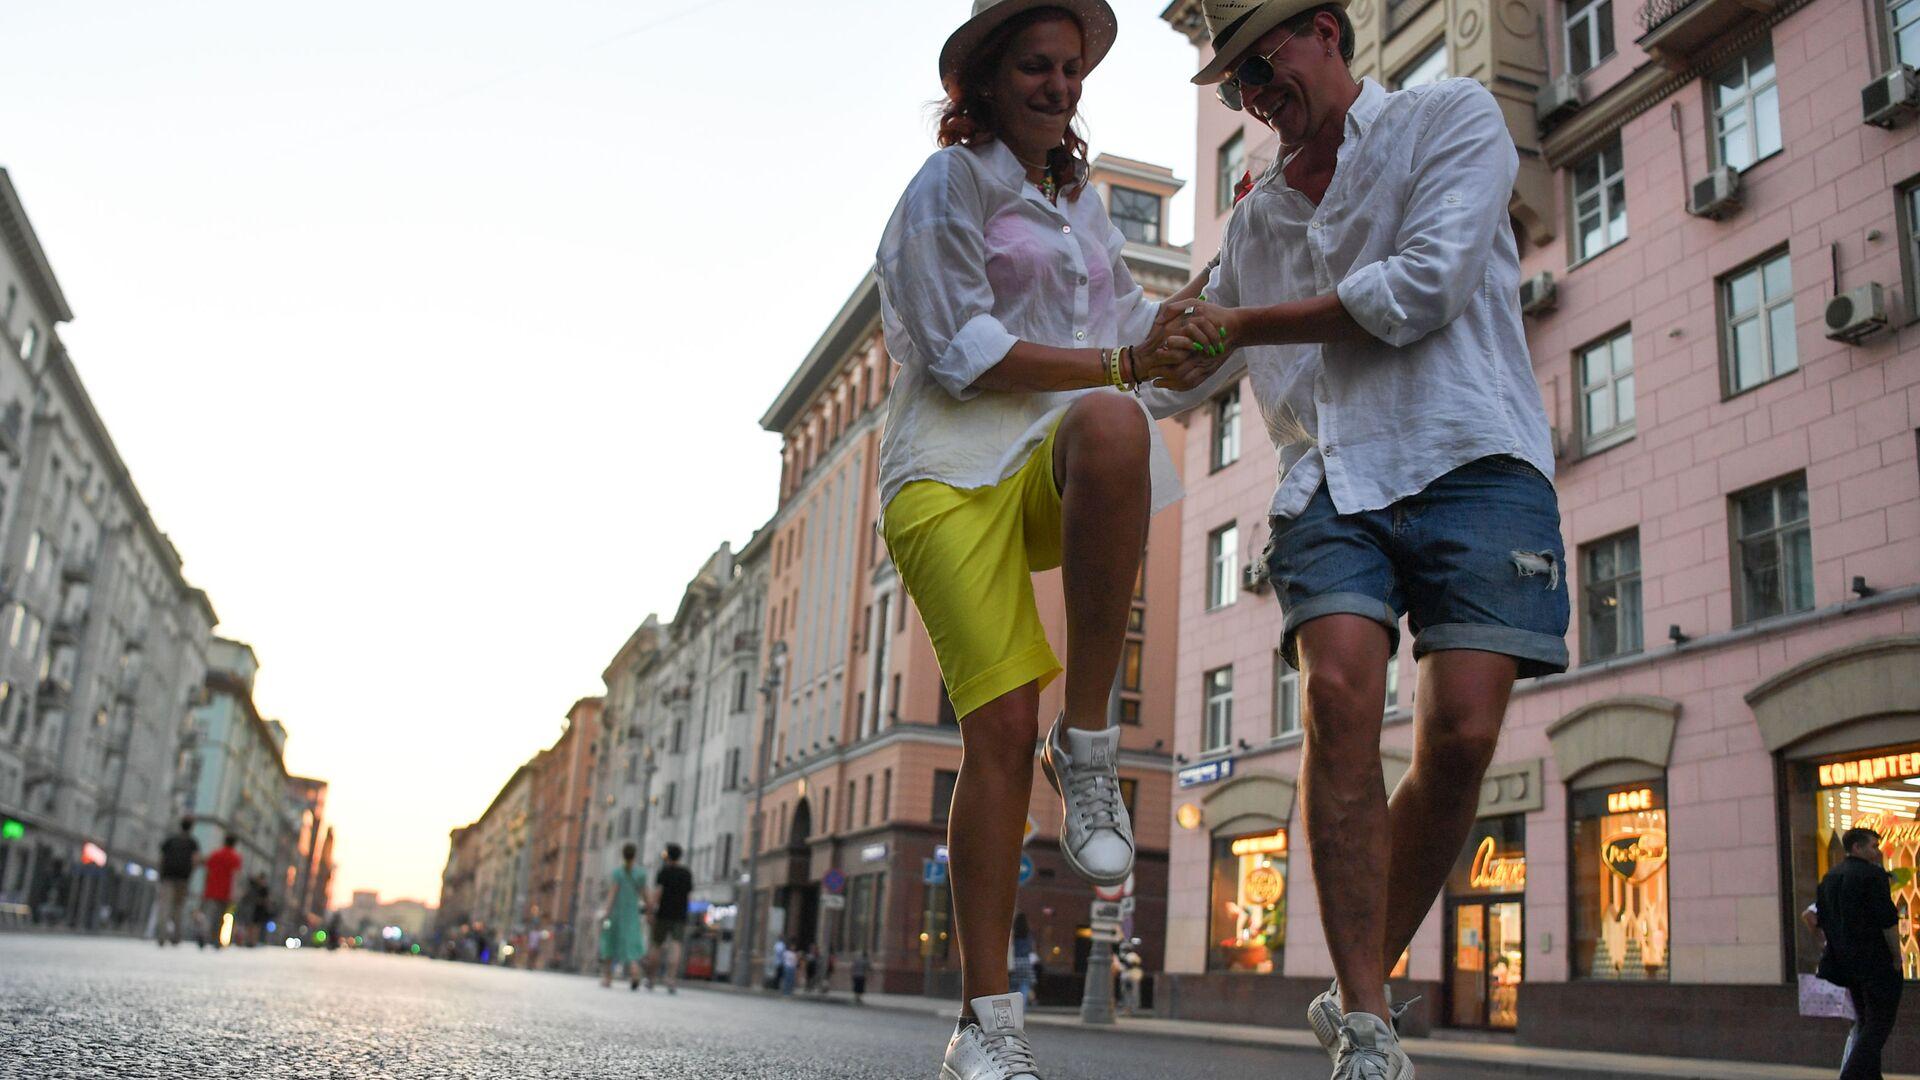 Pāris dejo Maskavas ielā - Sputnik Latvija, 1920, 02.10.2021